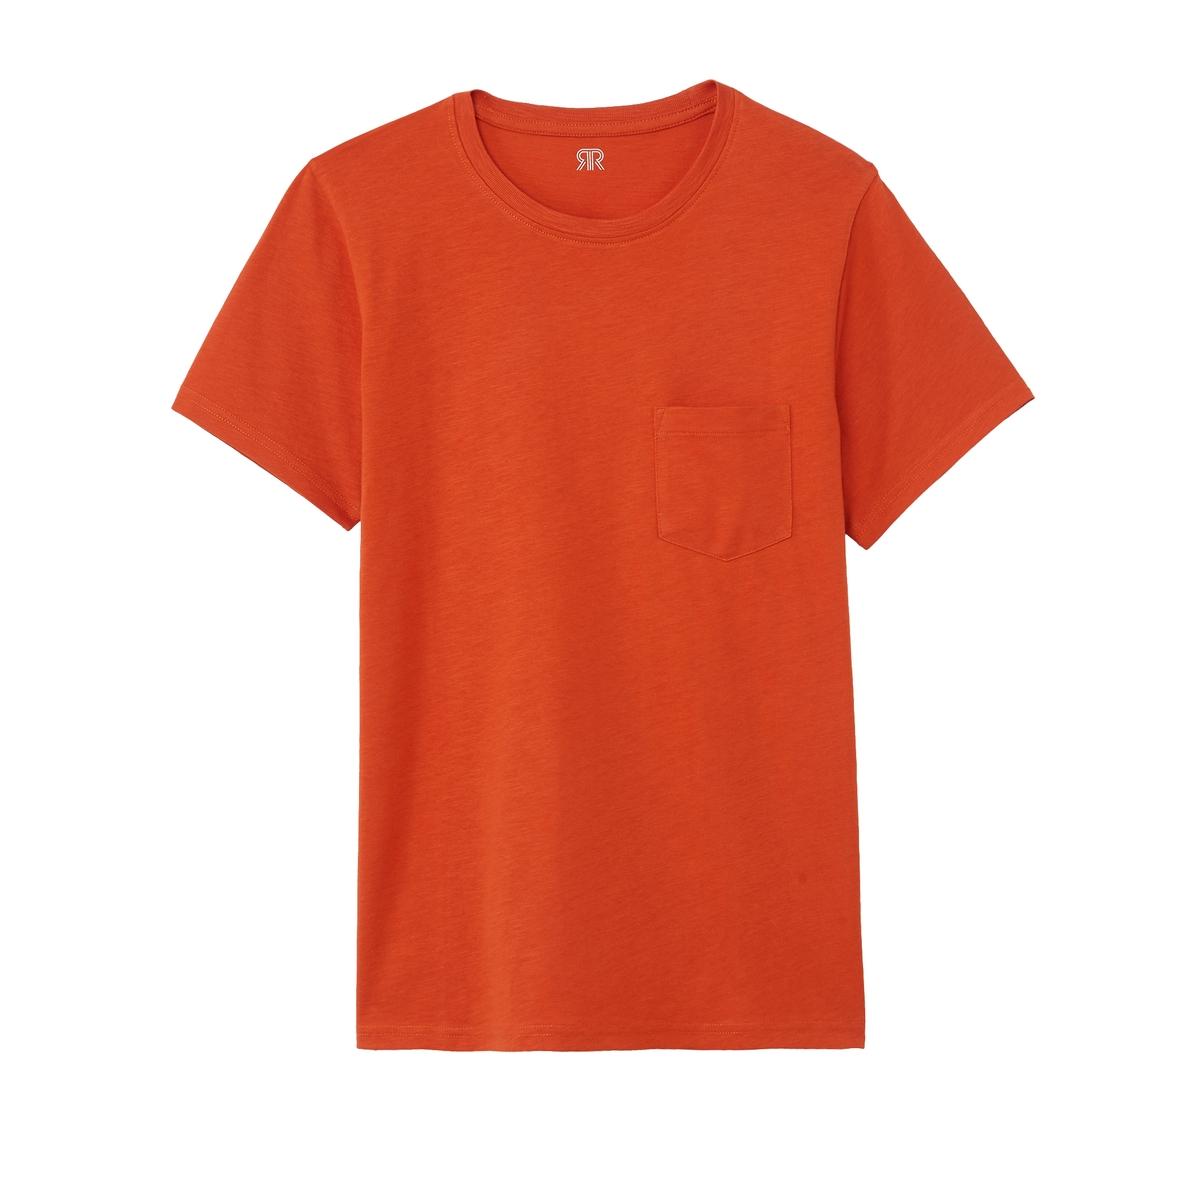 T-shirt de gola redonda, Oeko Tex